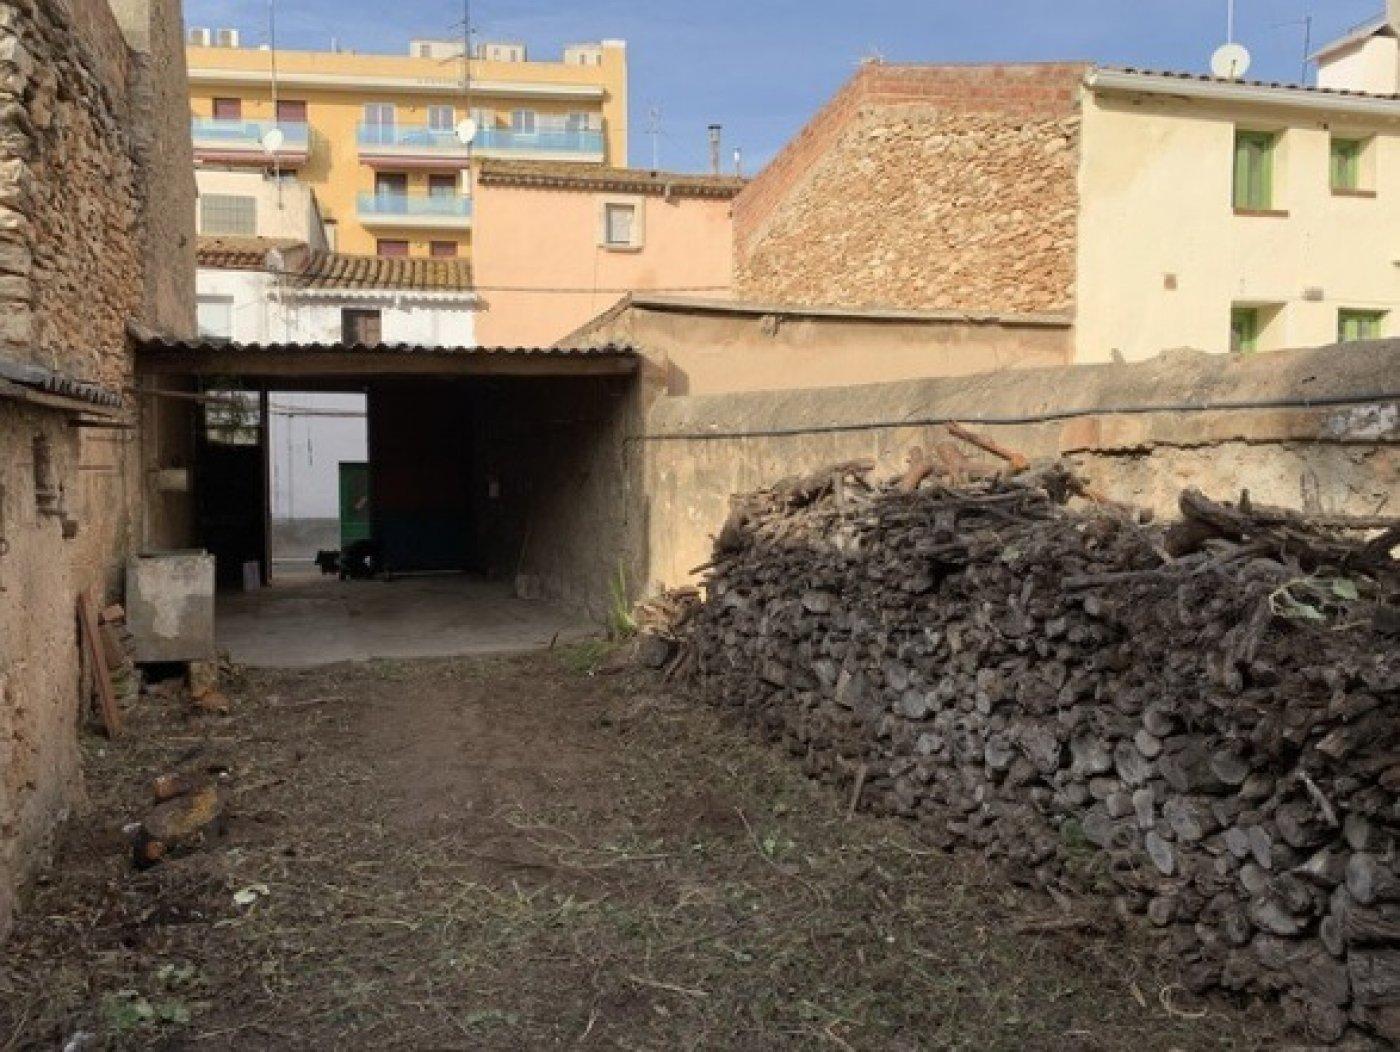 Casa almacén solar a rehabilitar en vendrell centro - imagenInmueble8